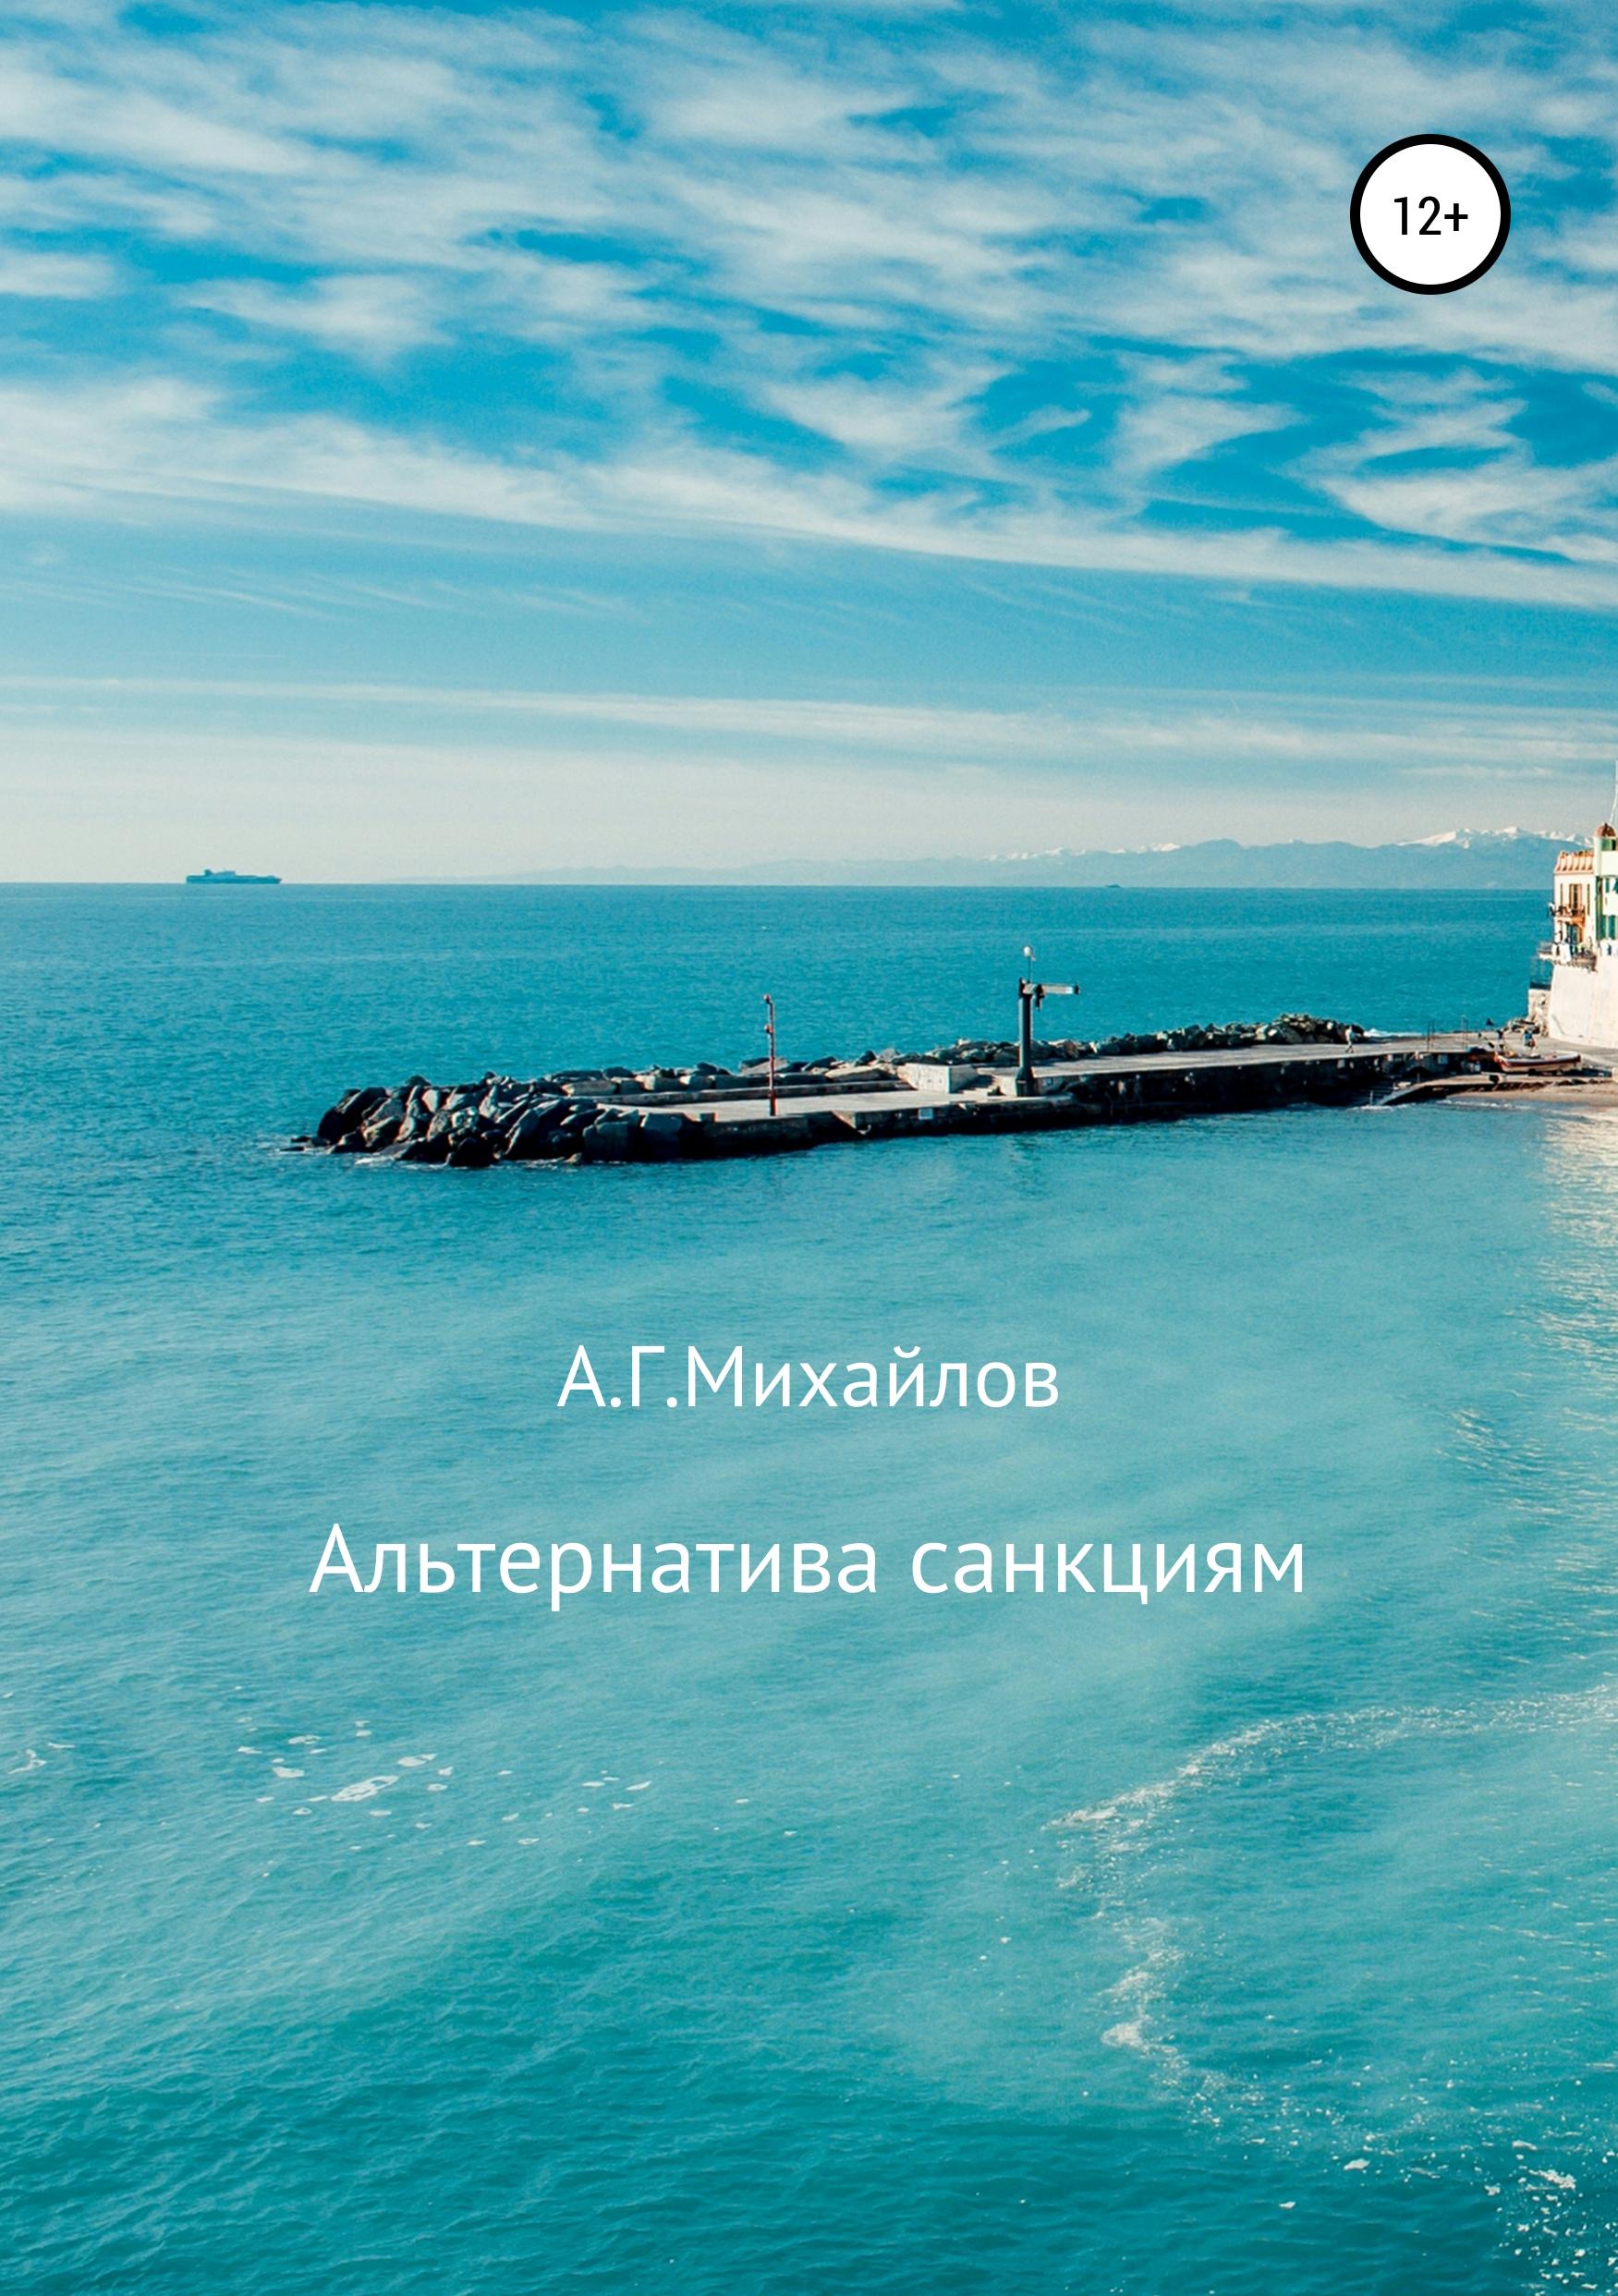 фото обложки издания Альтернатива санкциям